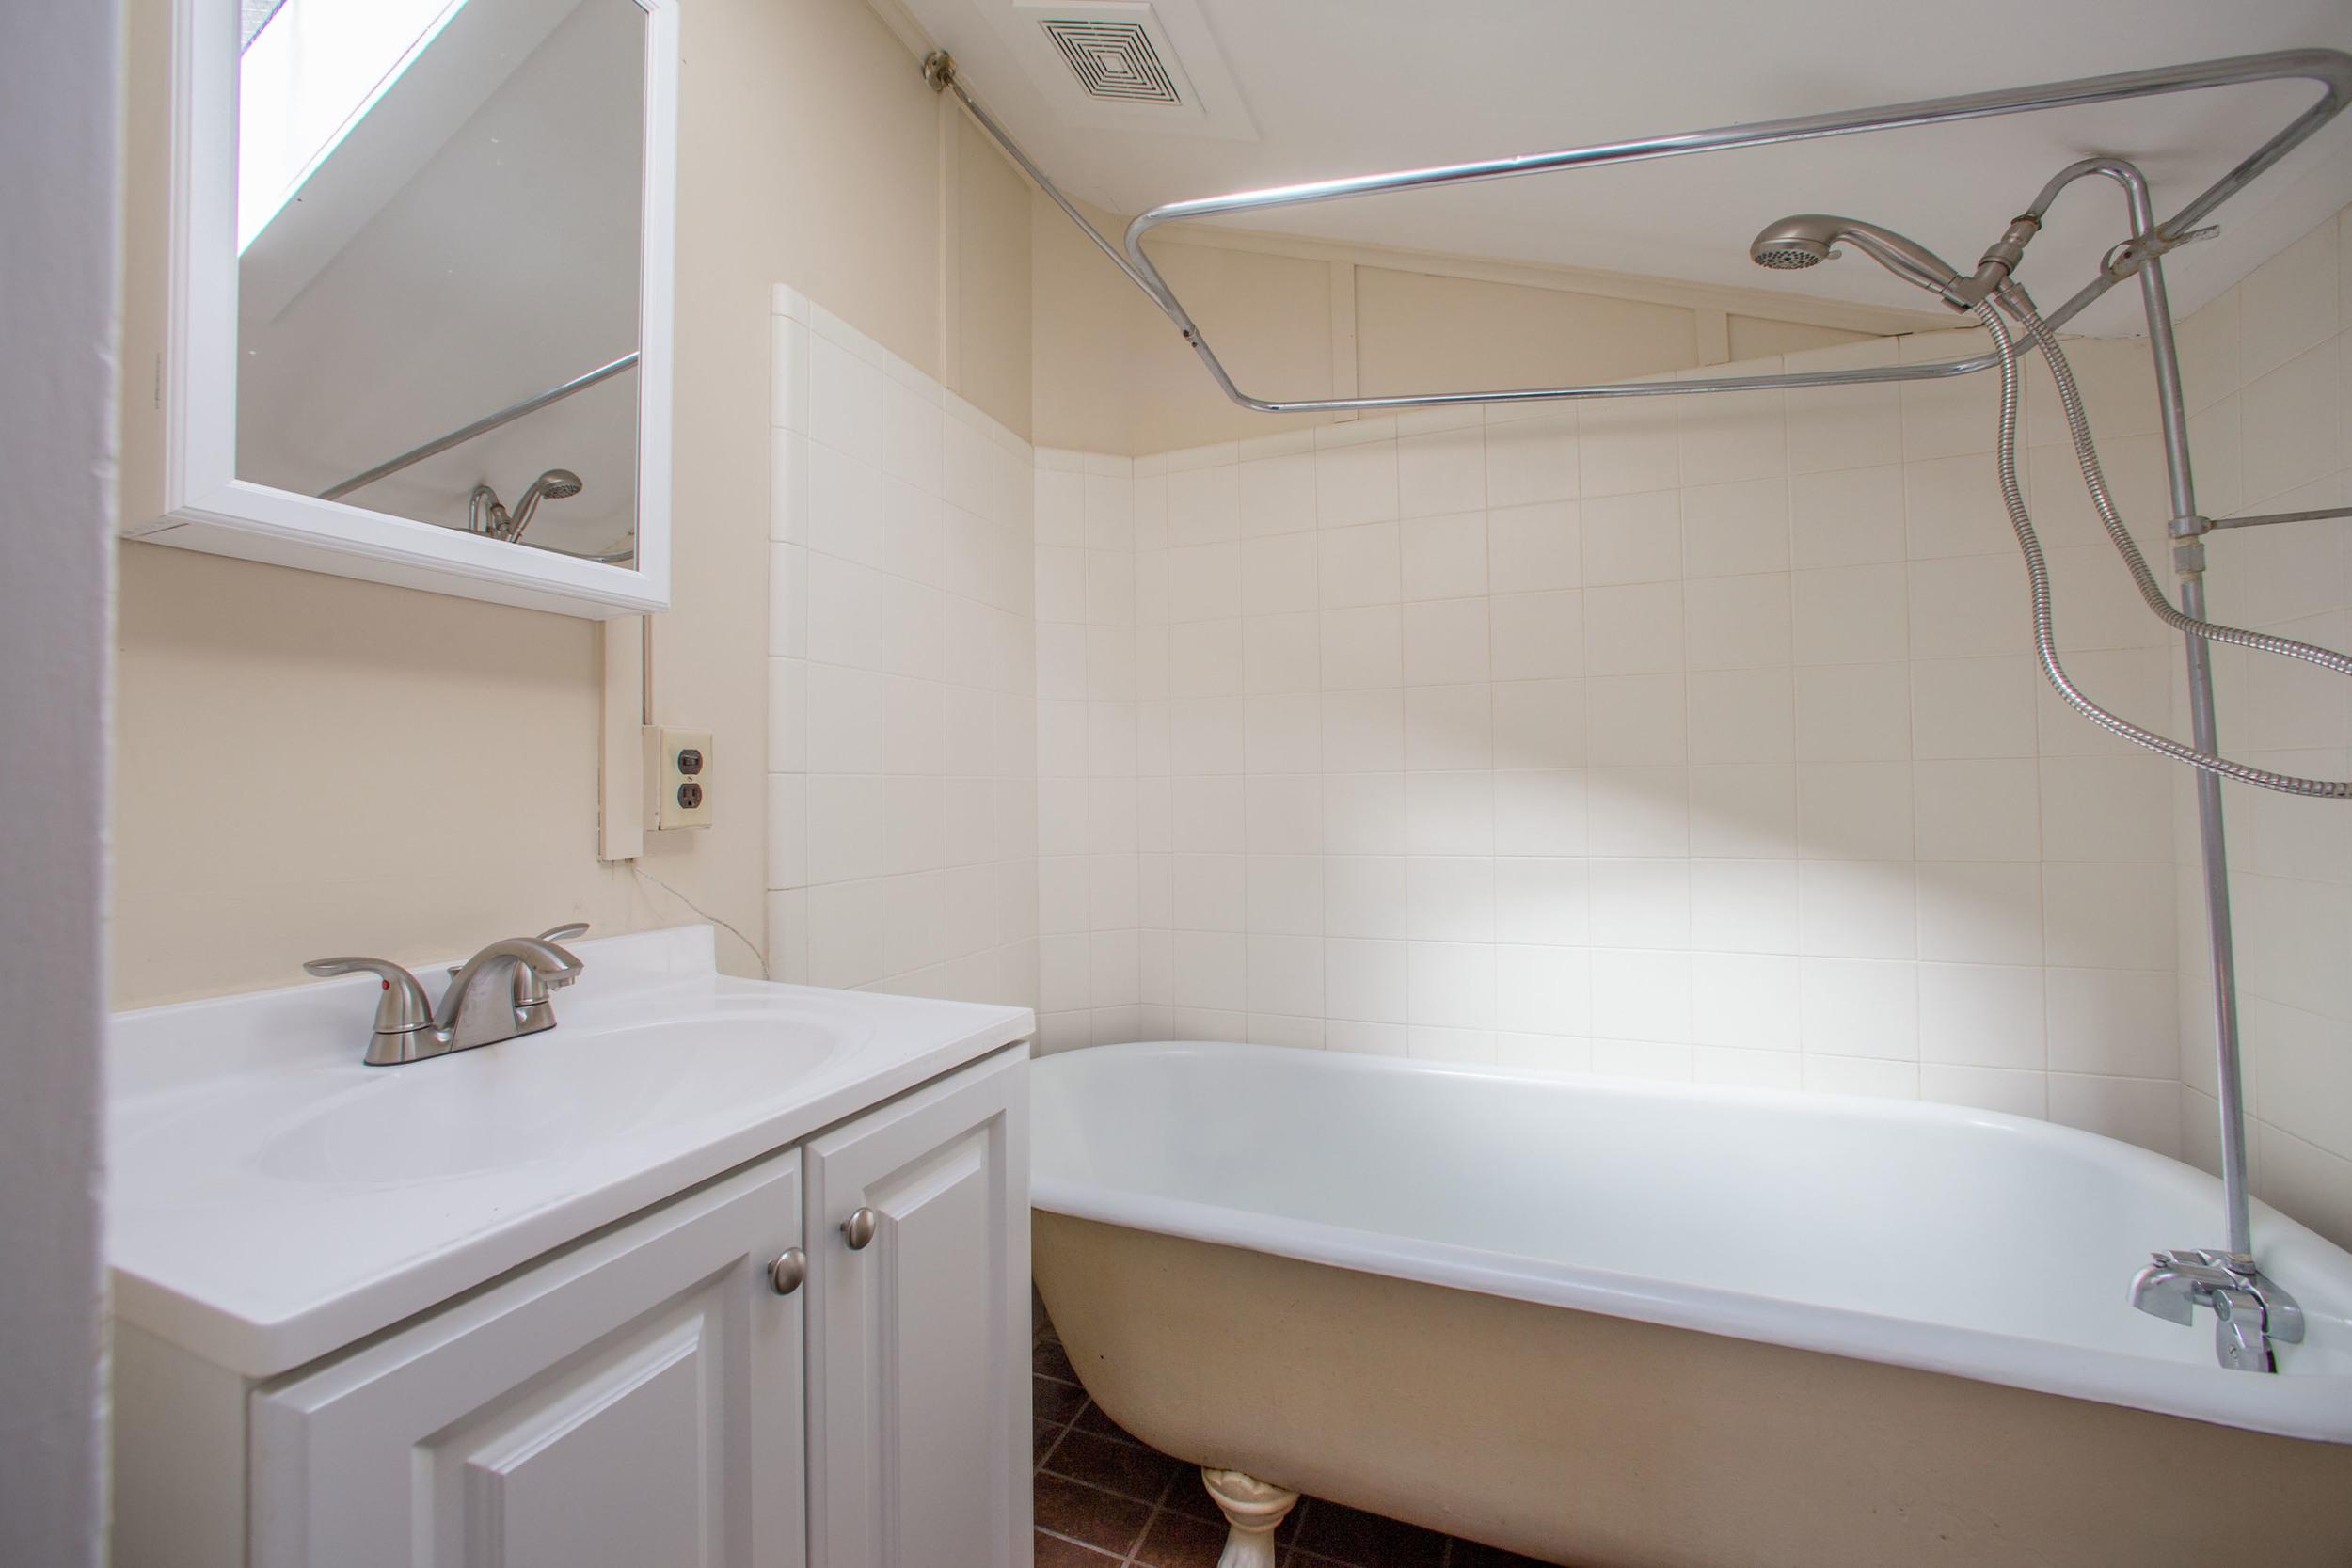 Unit A bathroom-11.jpg